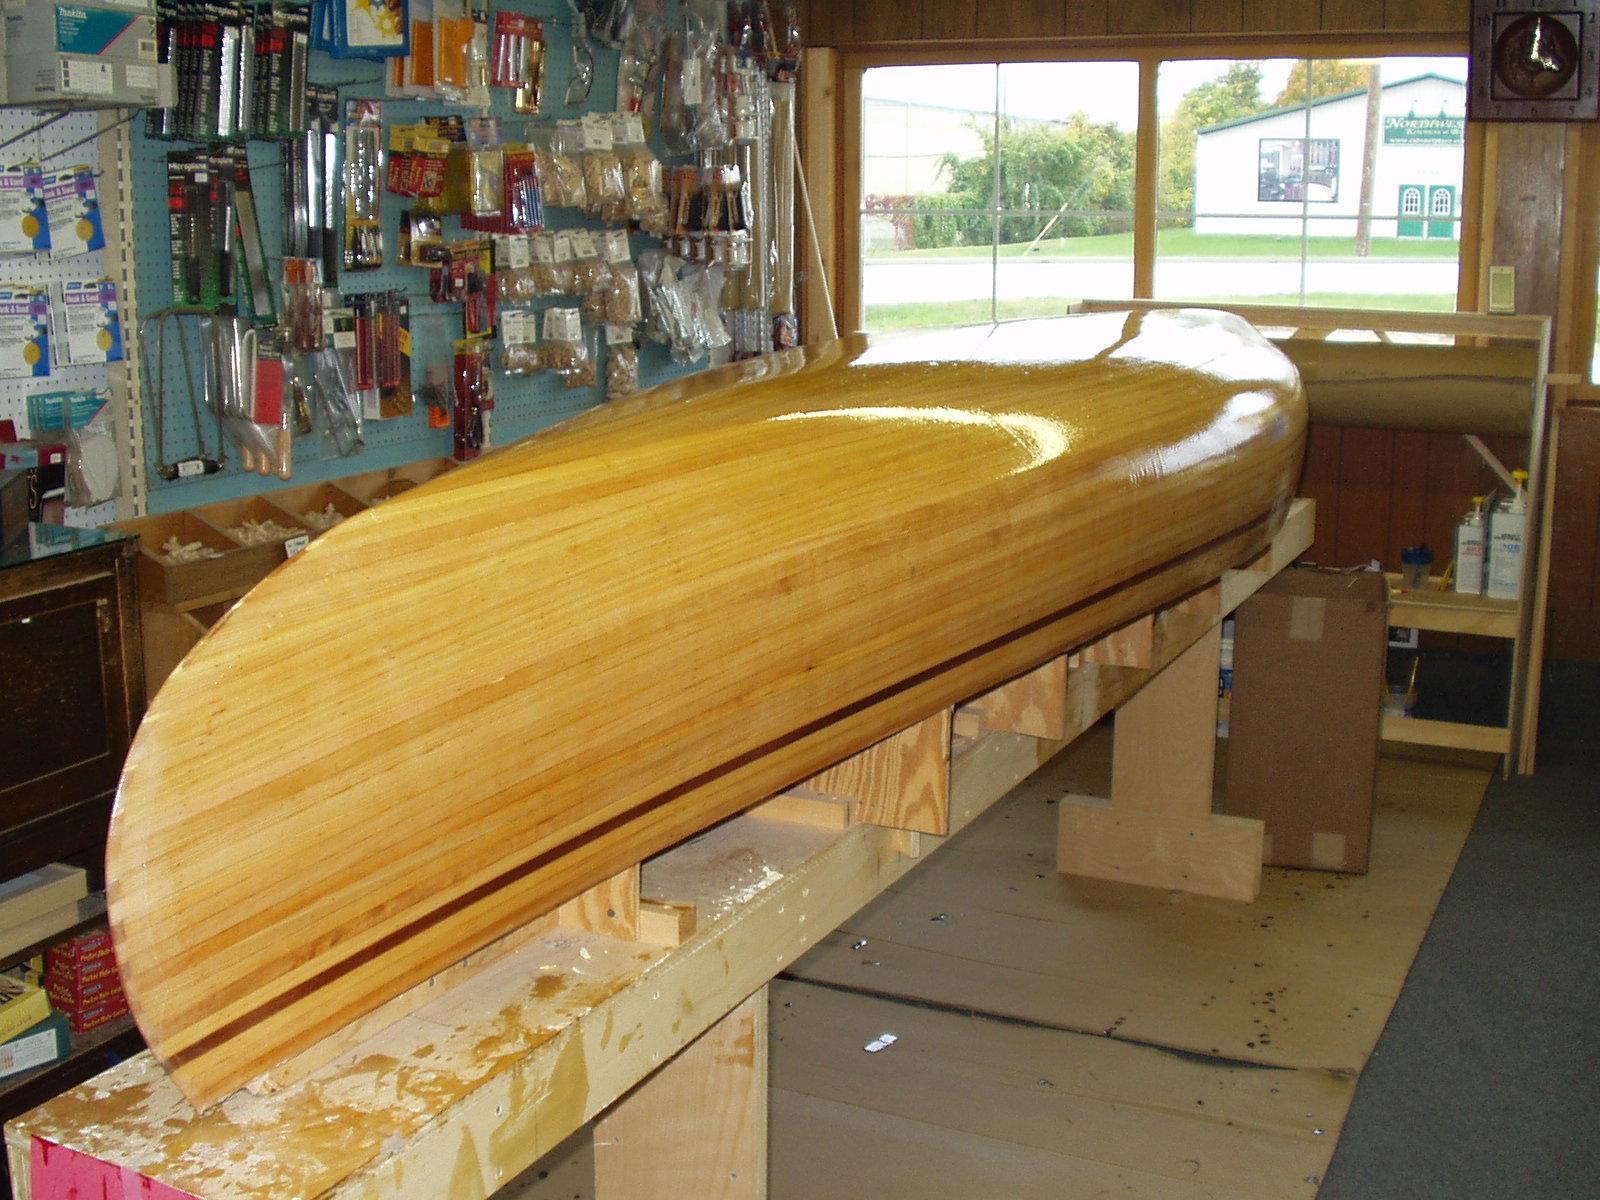 Mikey's Canoe